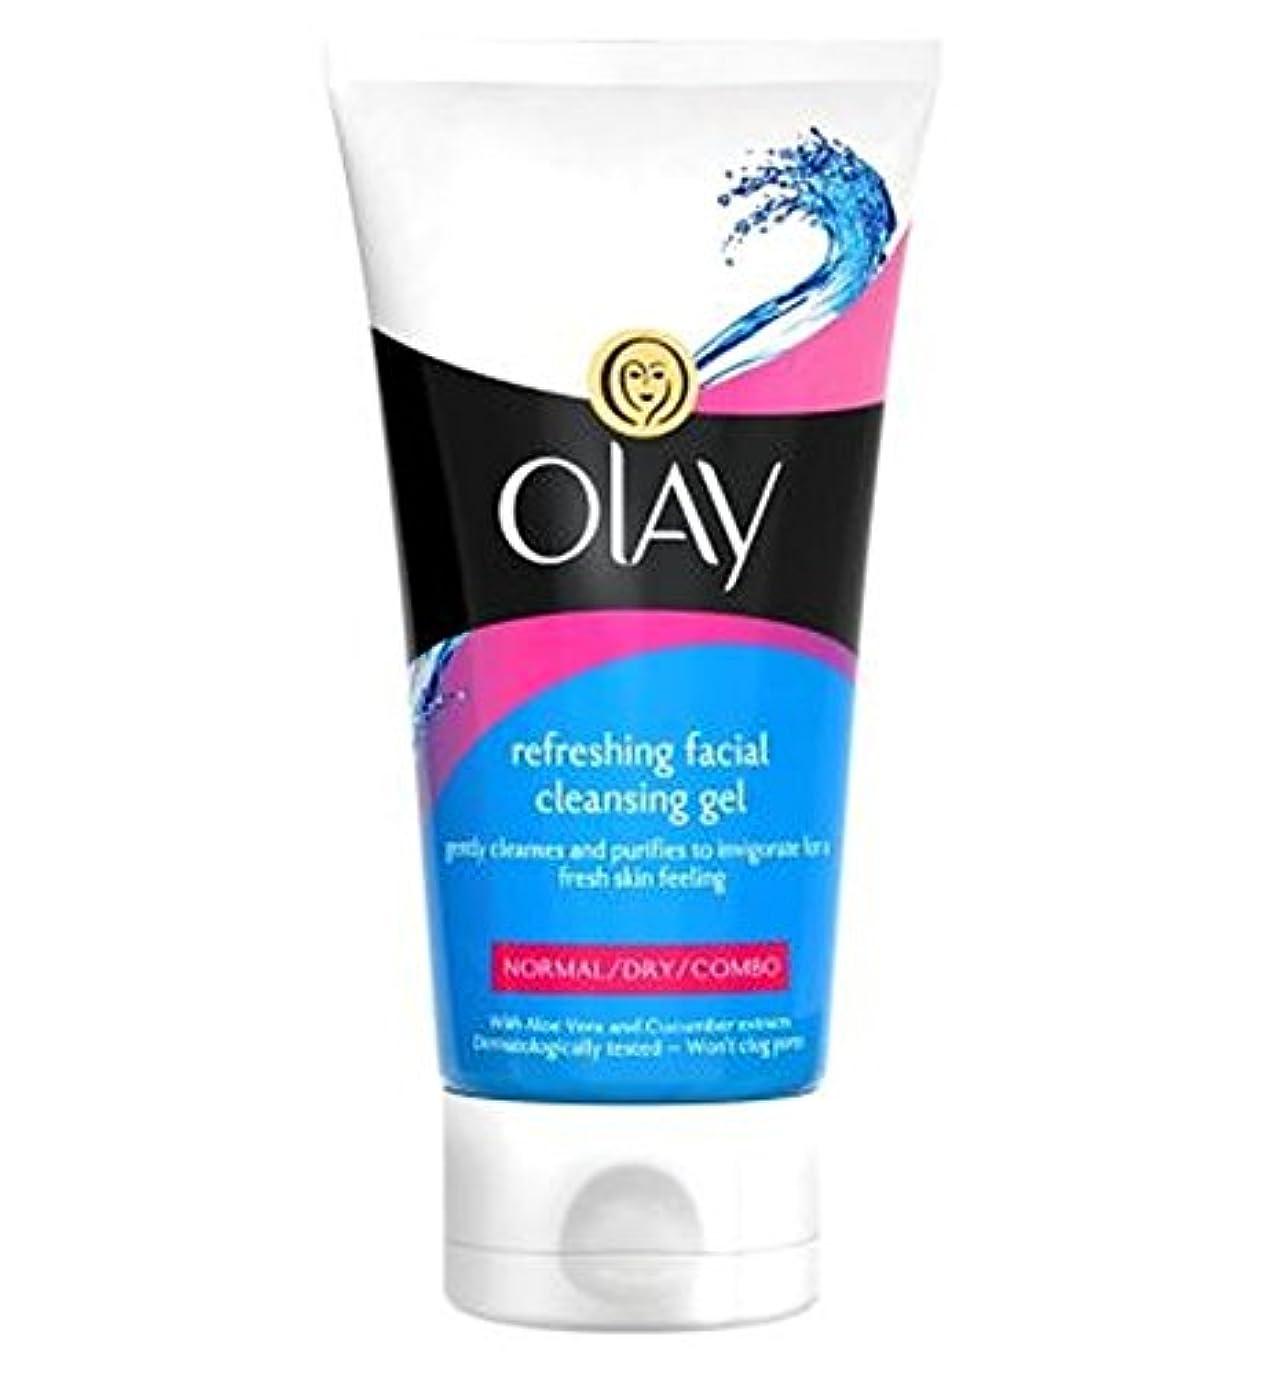 オーレイさわやかな洗顔ジェル150Ml (Olay) (x2) - Olay Refreshing Facial Cleansing Gel 150ml (Pack of 2) [並行輸入品]